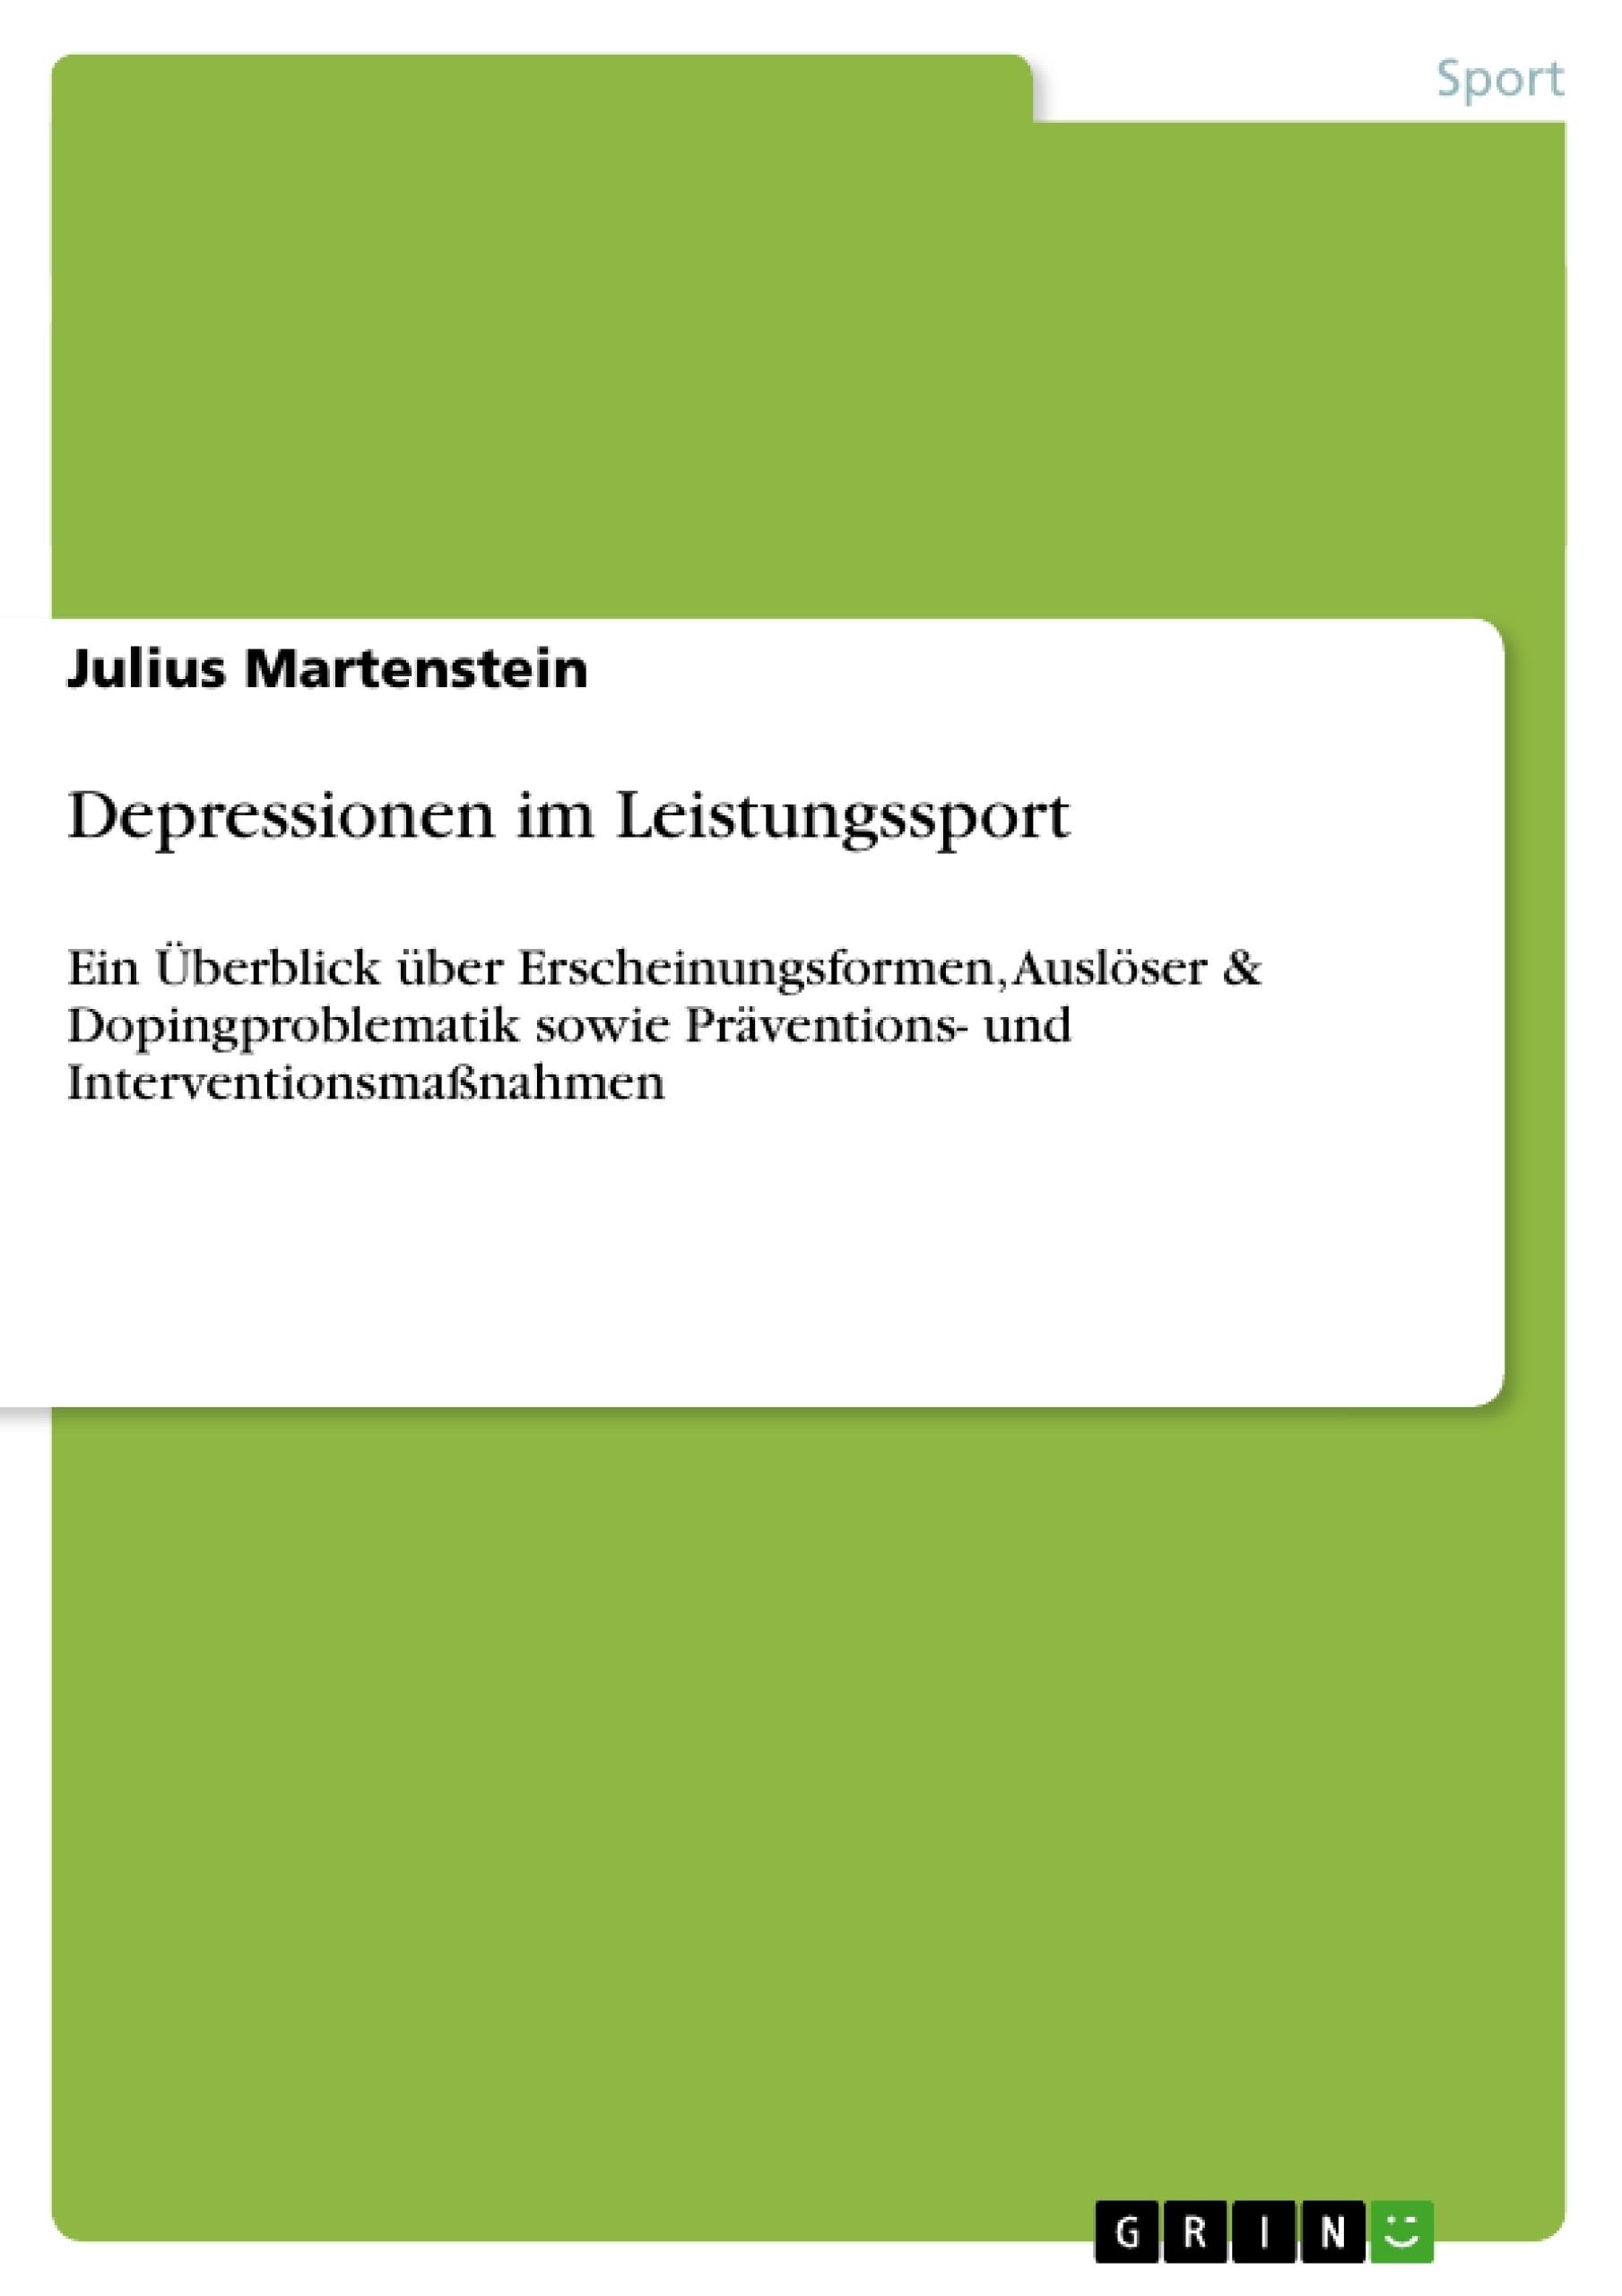 Titel: Depressionen im Leistungssport